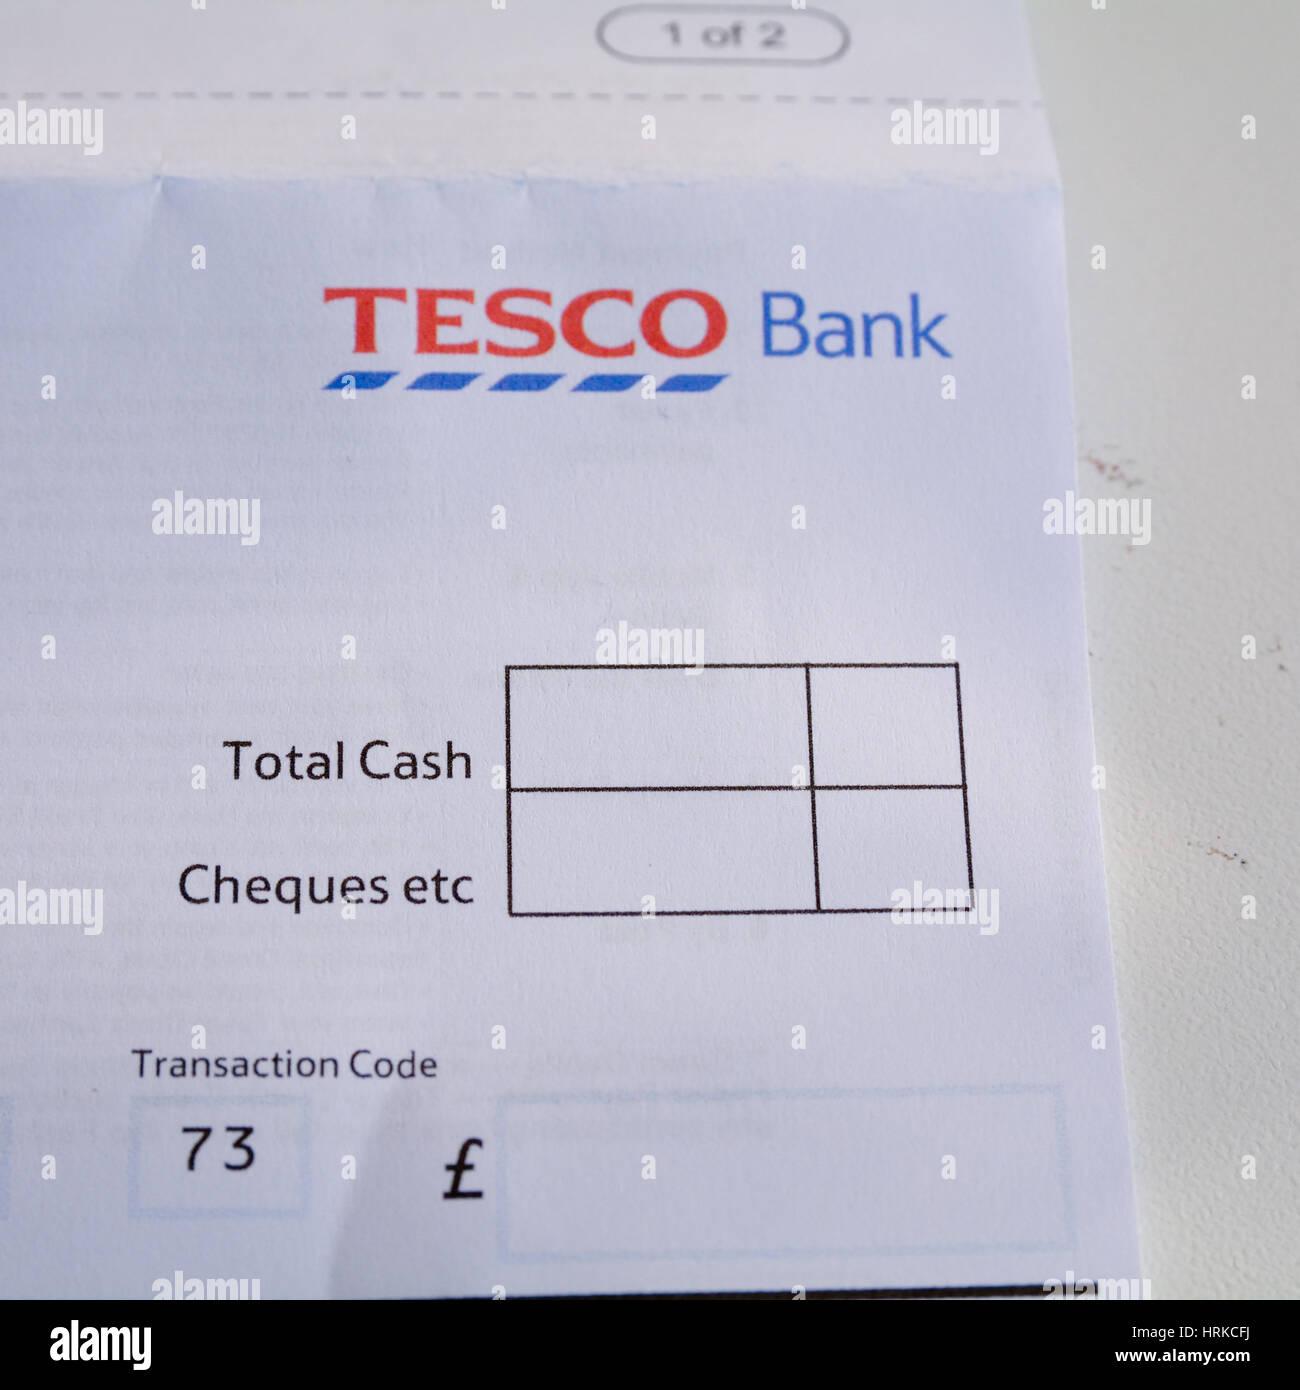 tesco bank logo stock photos tesco bank logo stock images alamy. Black Bedroom Furniture Sets. Home Design Ideas